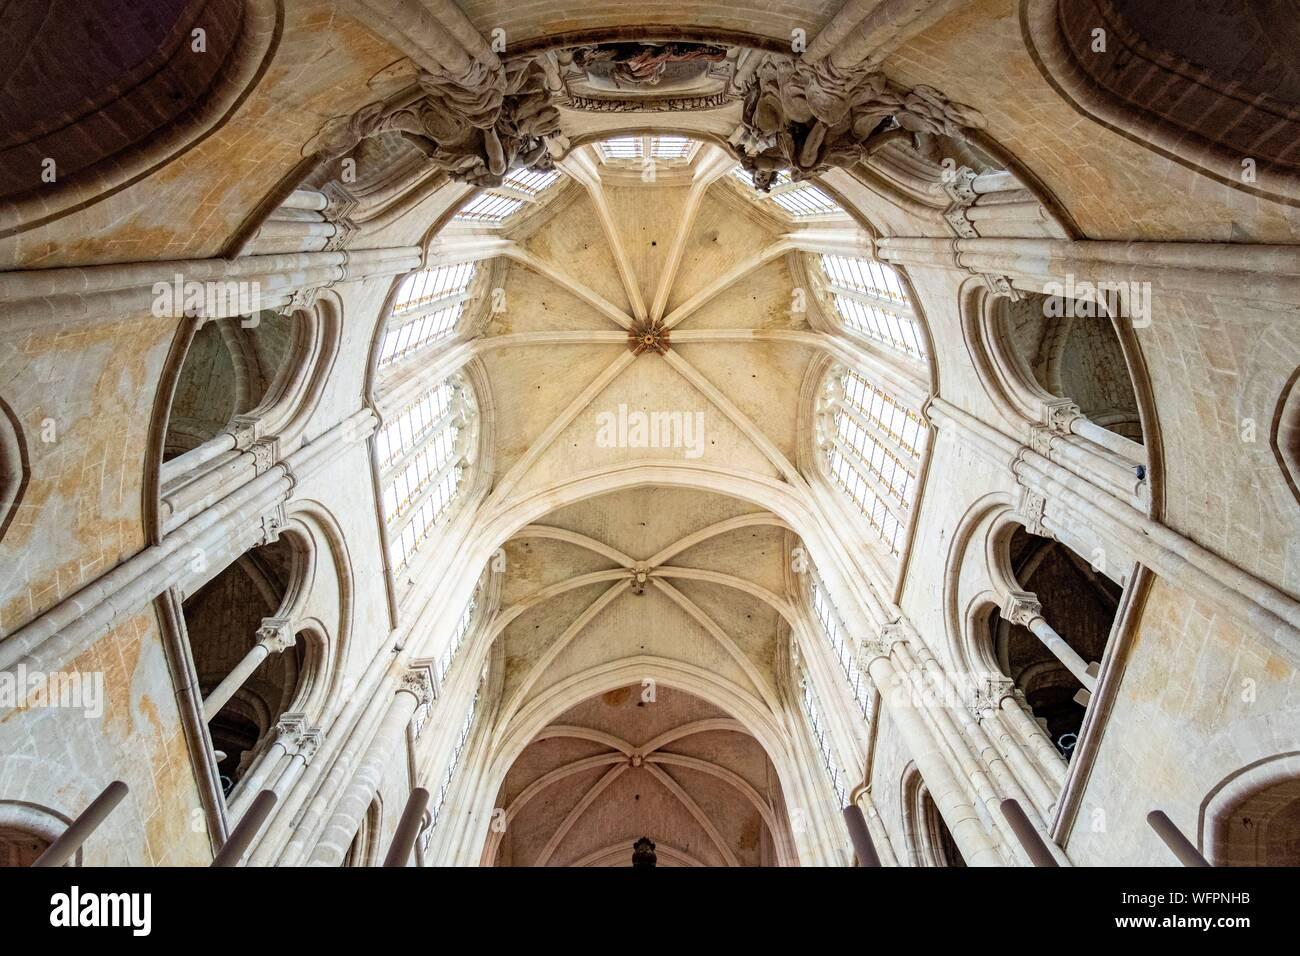 Frankreich, Oise, Senlis, Notre Dame Kathedrale von Senlis, römisch-katholischen gotische Architektur Stockfoto